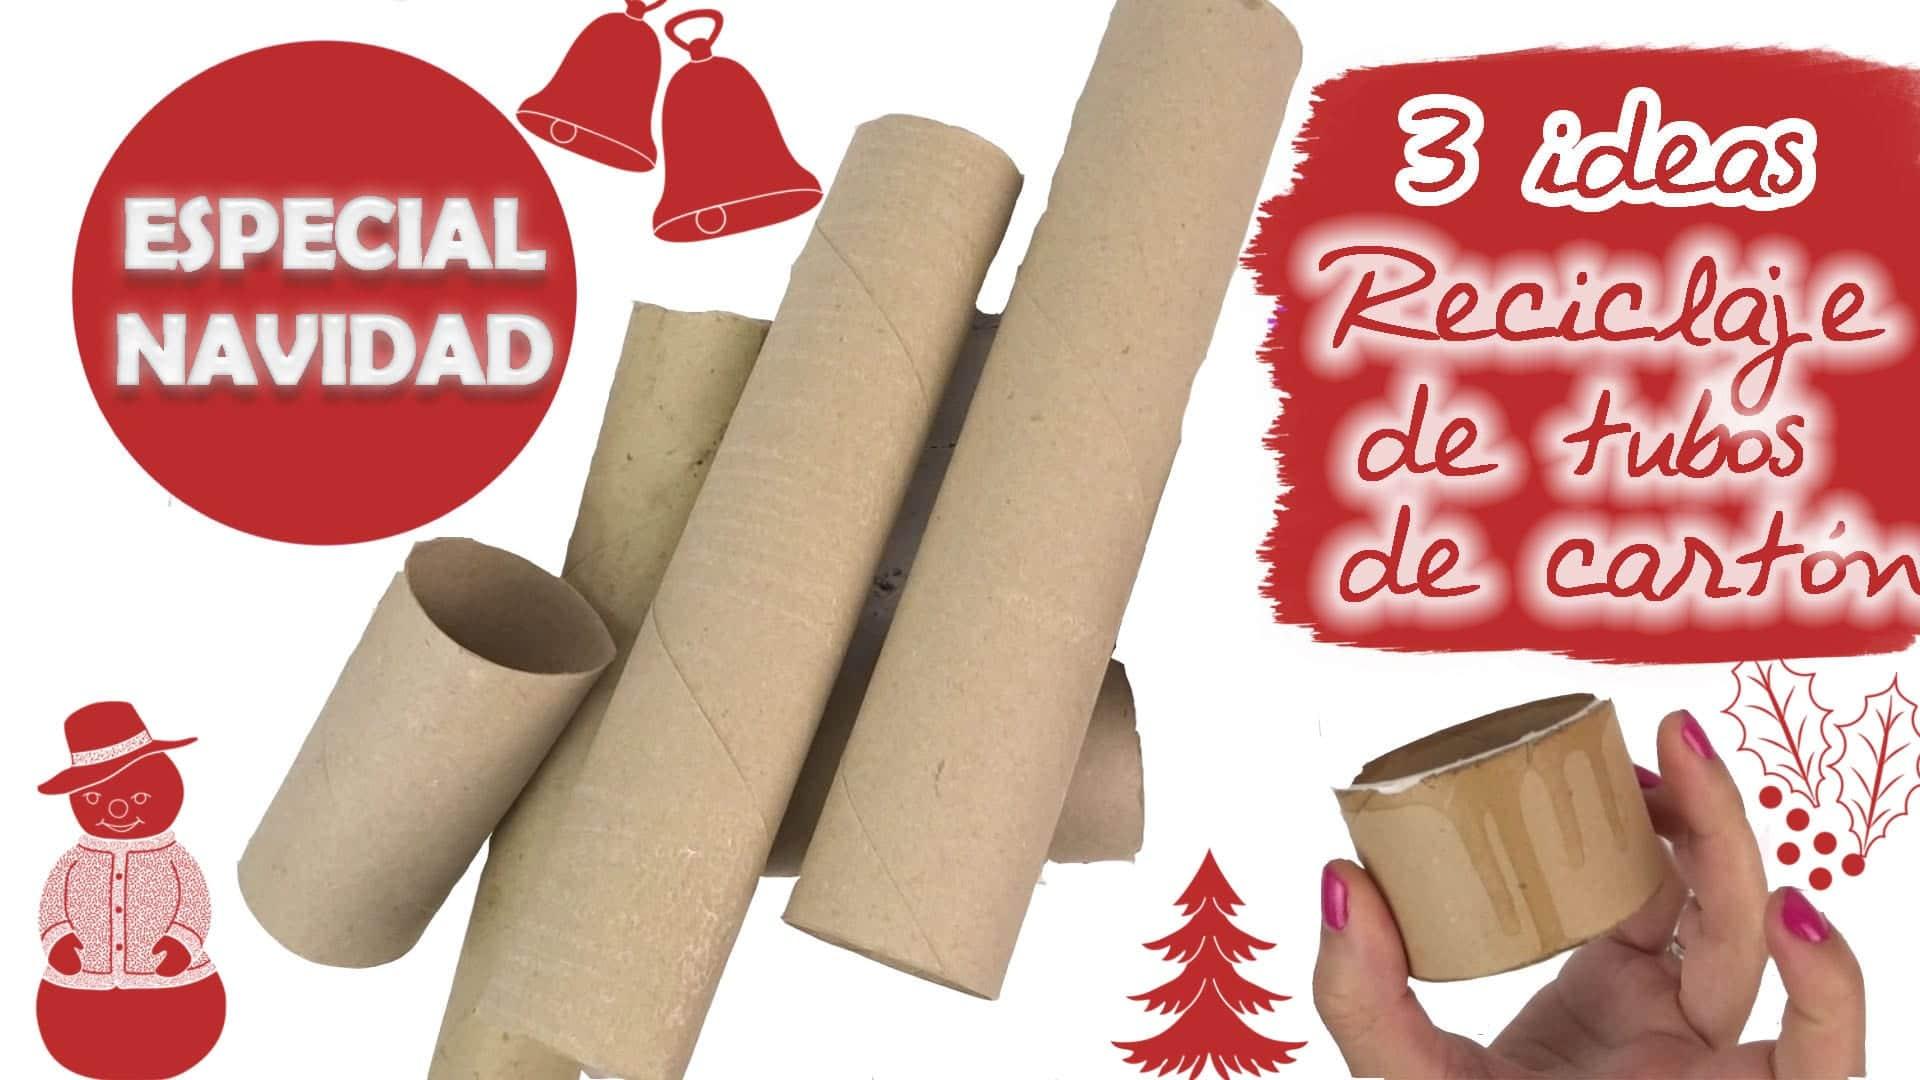 3 IDEAS PARA RECICLAR TUBOS DE CARTN ESPECIAL NAVIDAD